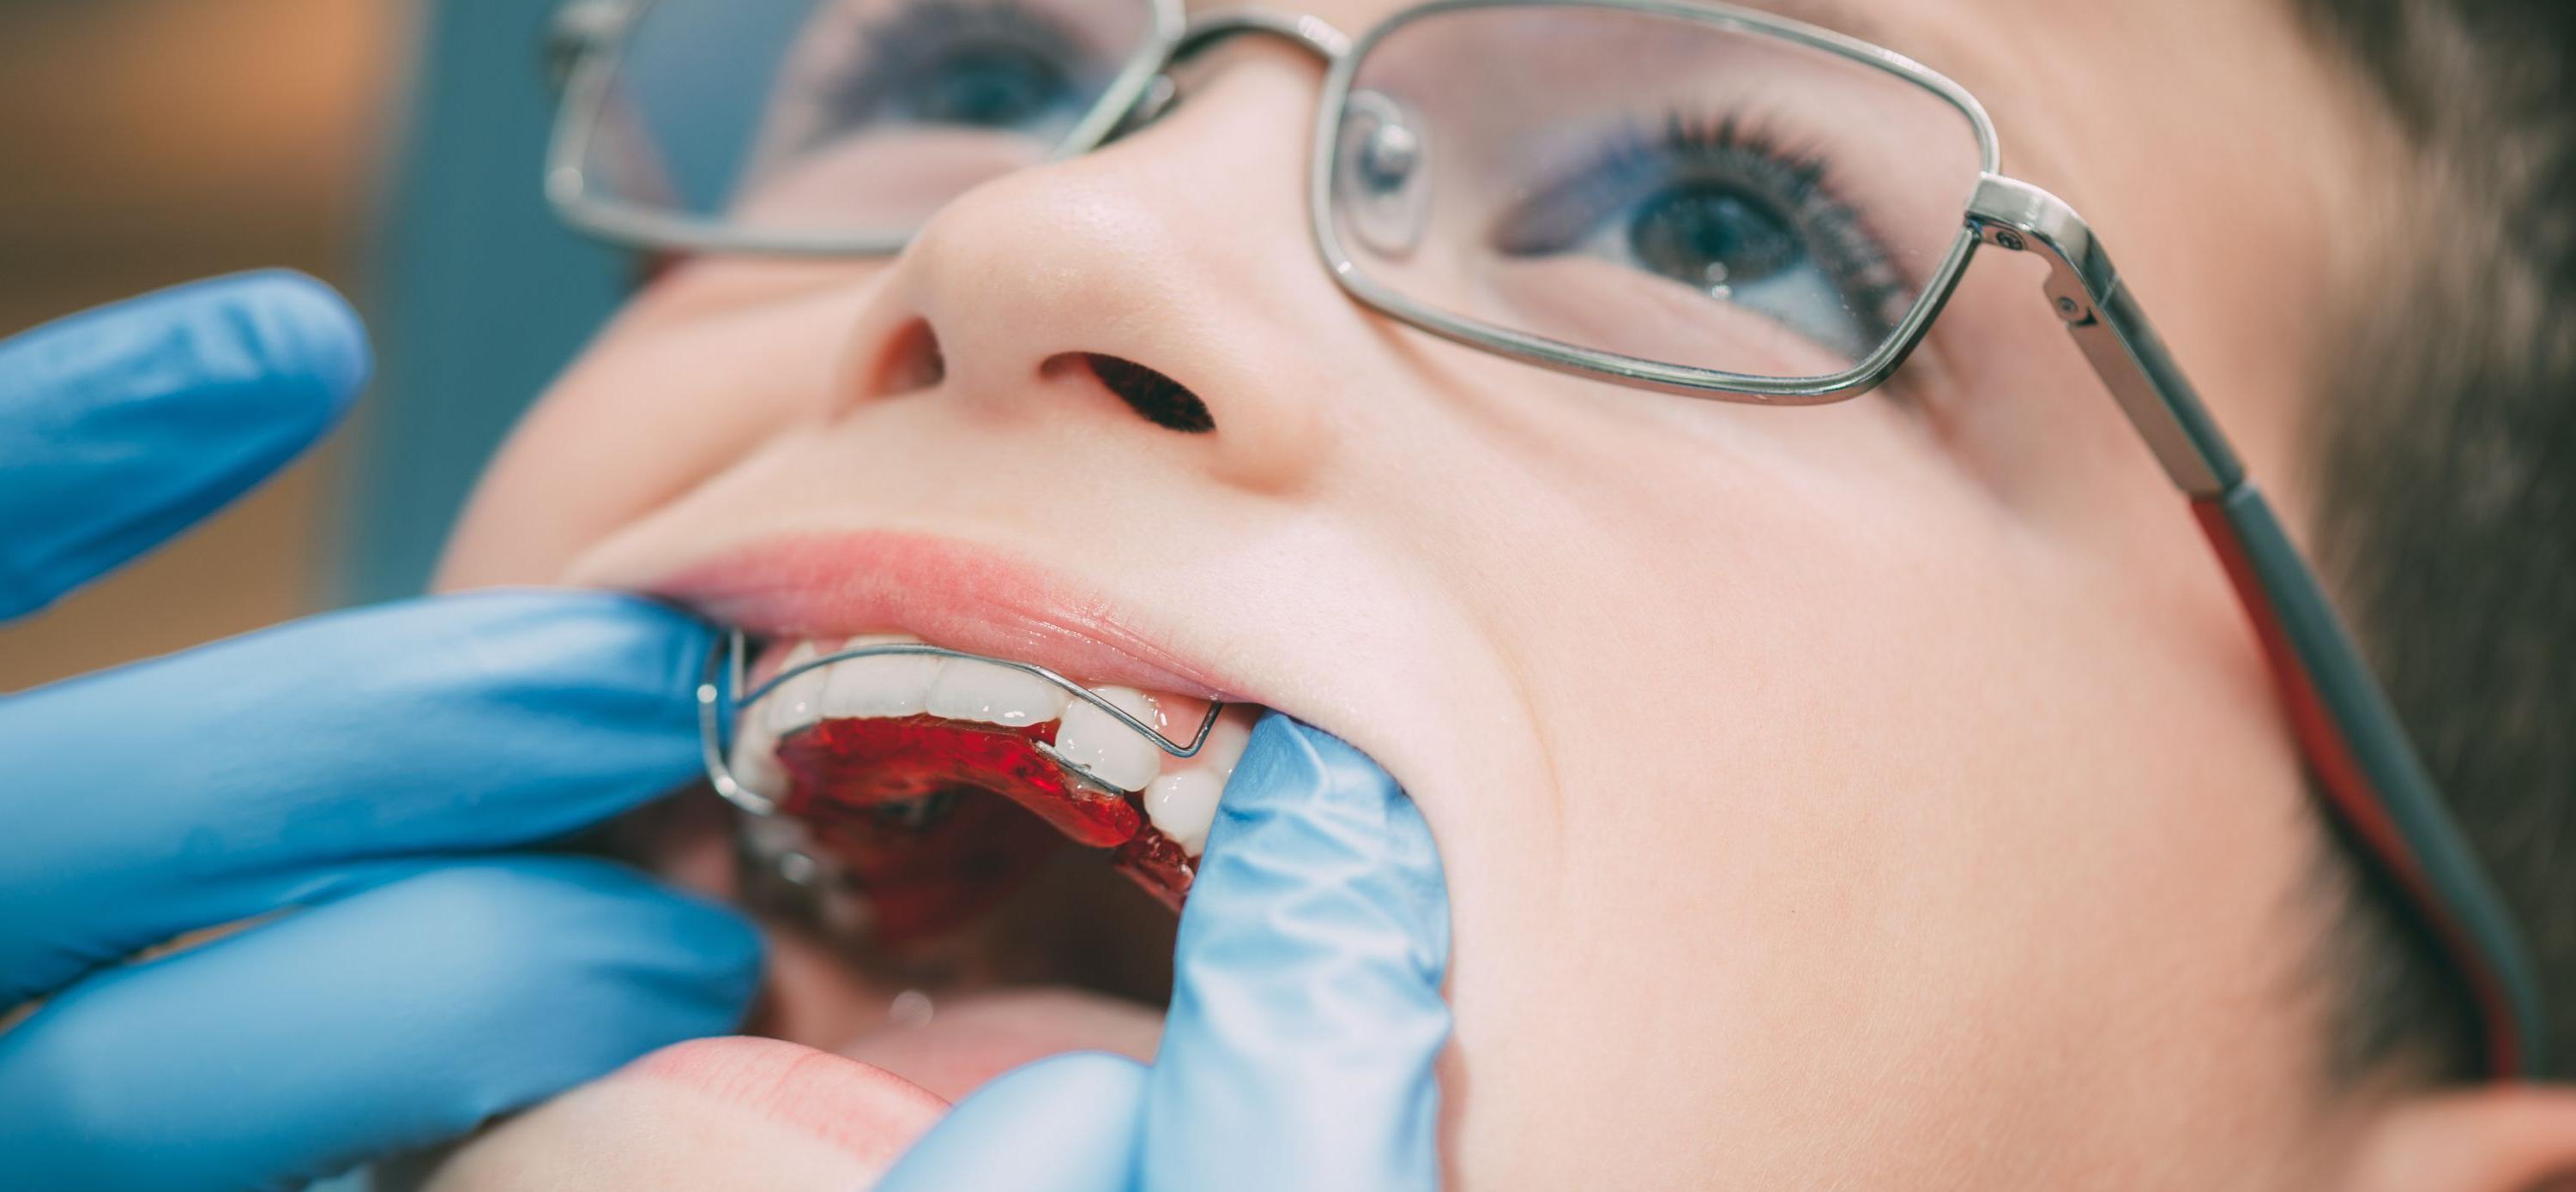 Пластинка для зубов: съемная или несъемная. Какую выбрать?